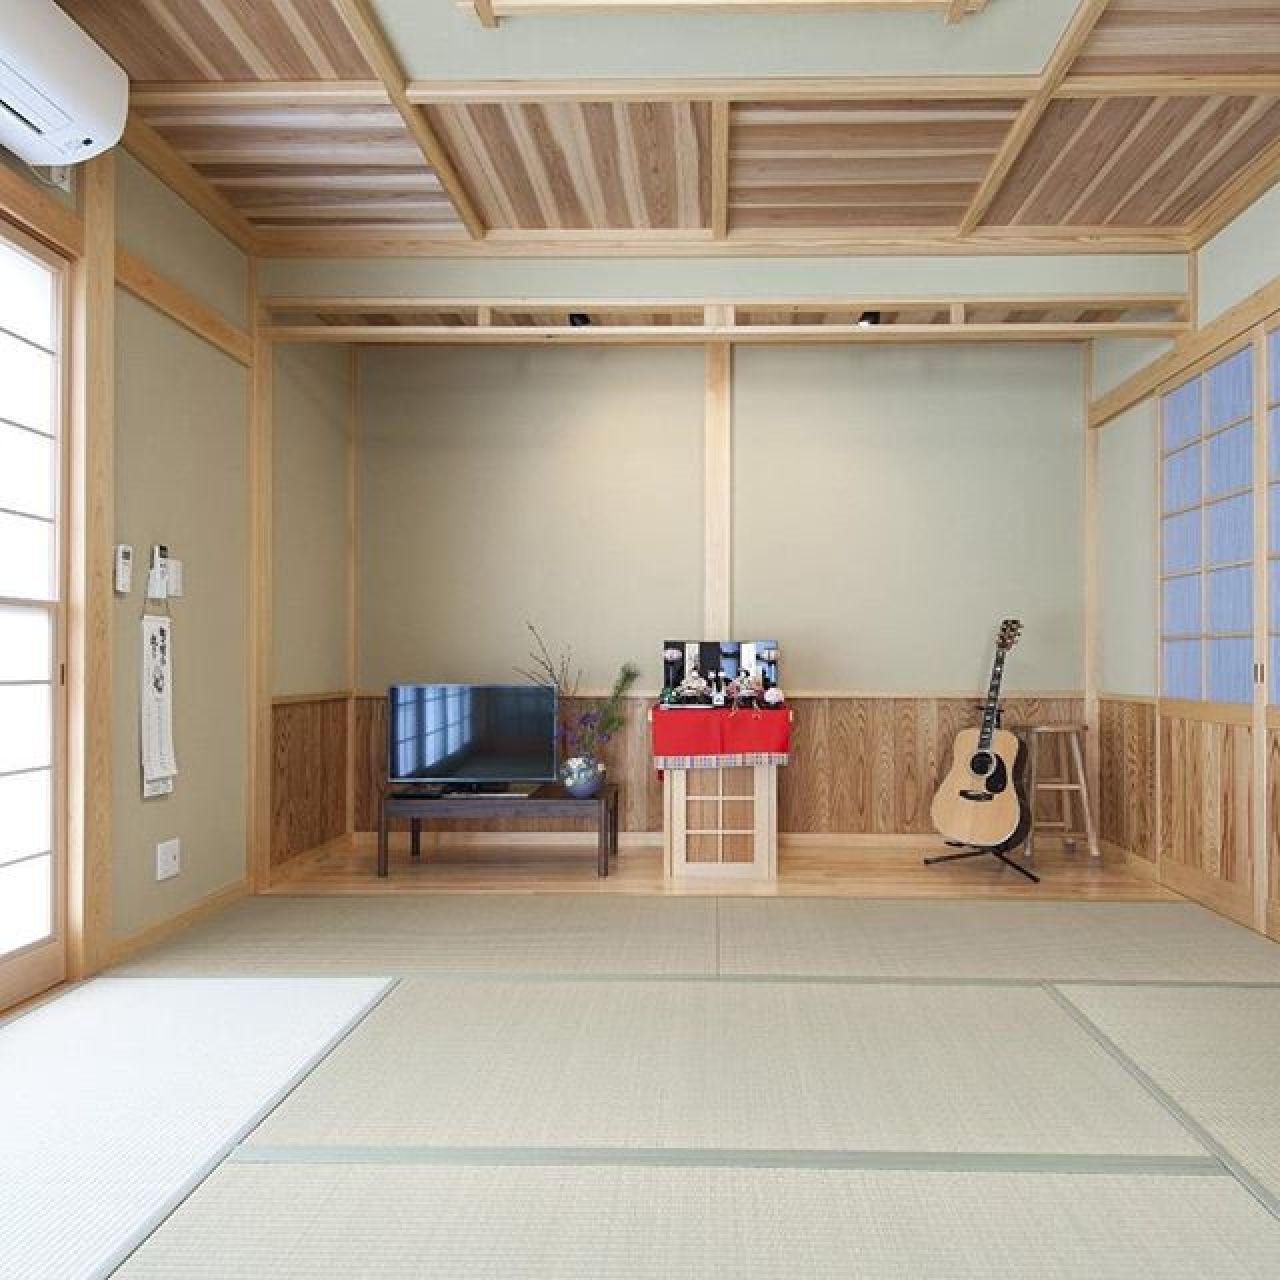 リビング続きの畳敷の趣味室兼客間。「和」を全面に打ち出しています。#和モダン#モダン和室 #本格和室 #縁側 #広縁 #趣味室 #ギター #格天井 #杉 #畳#和紙畳#い草 #自然素材#注文住宅